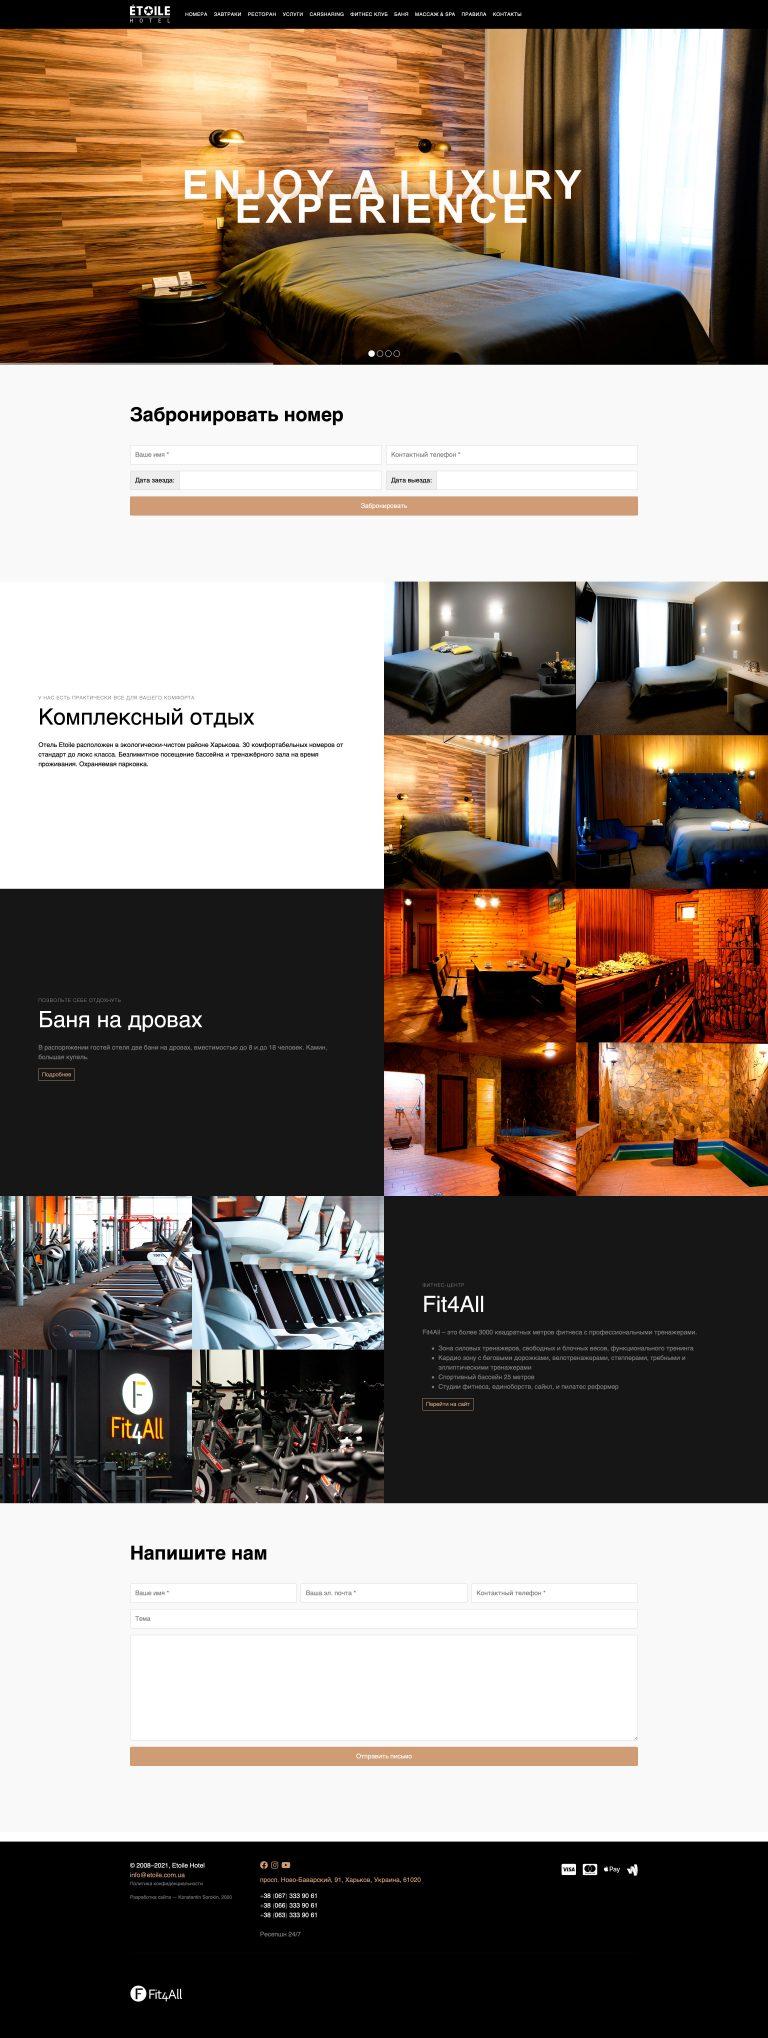 Etoile Hotel